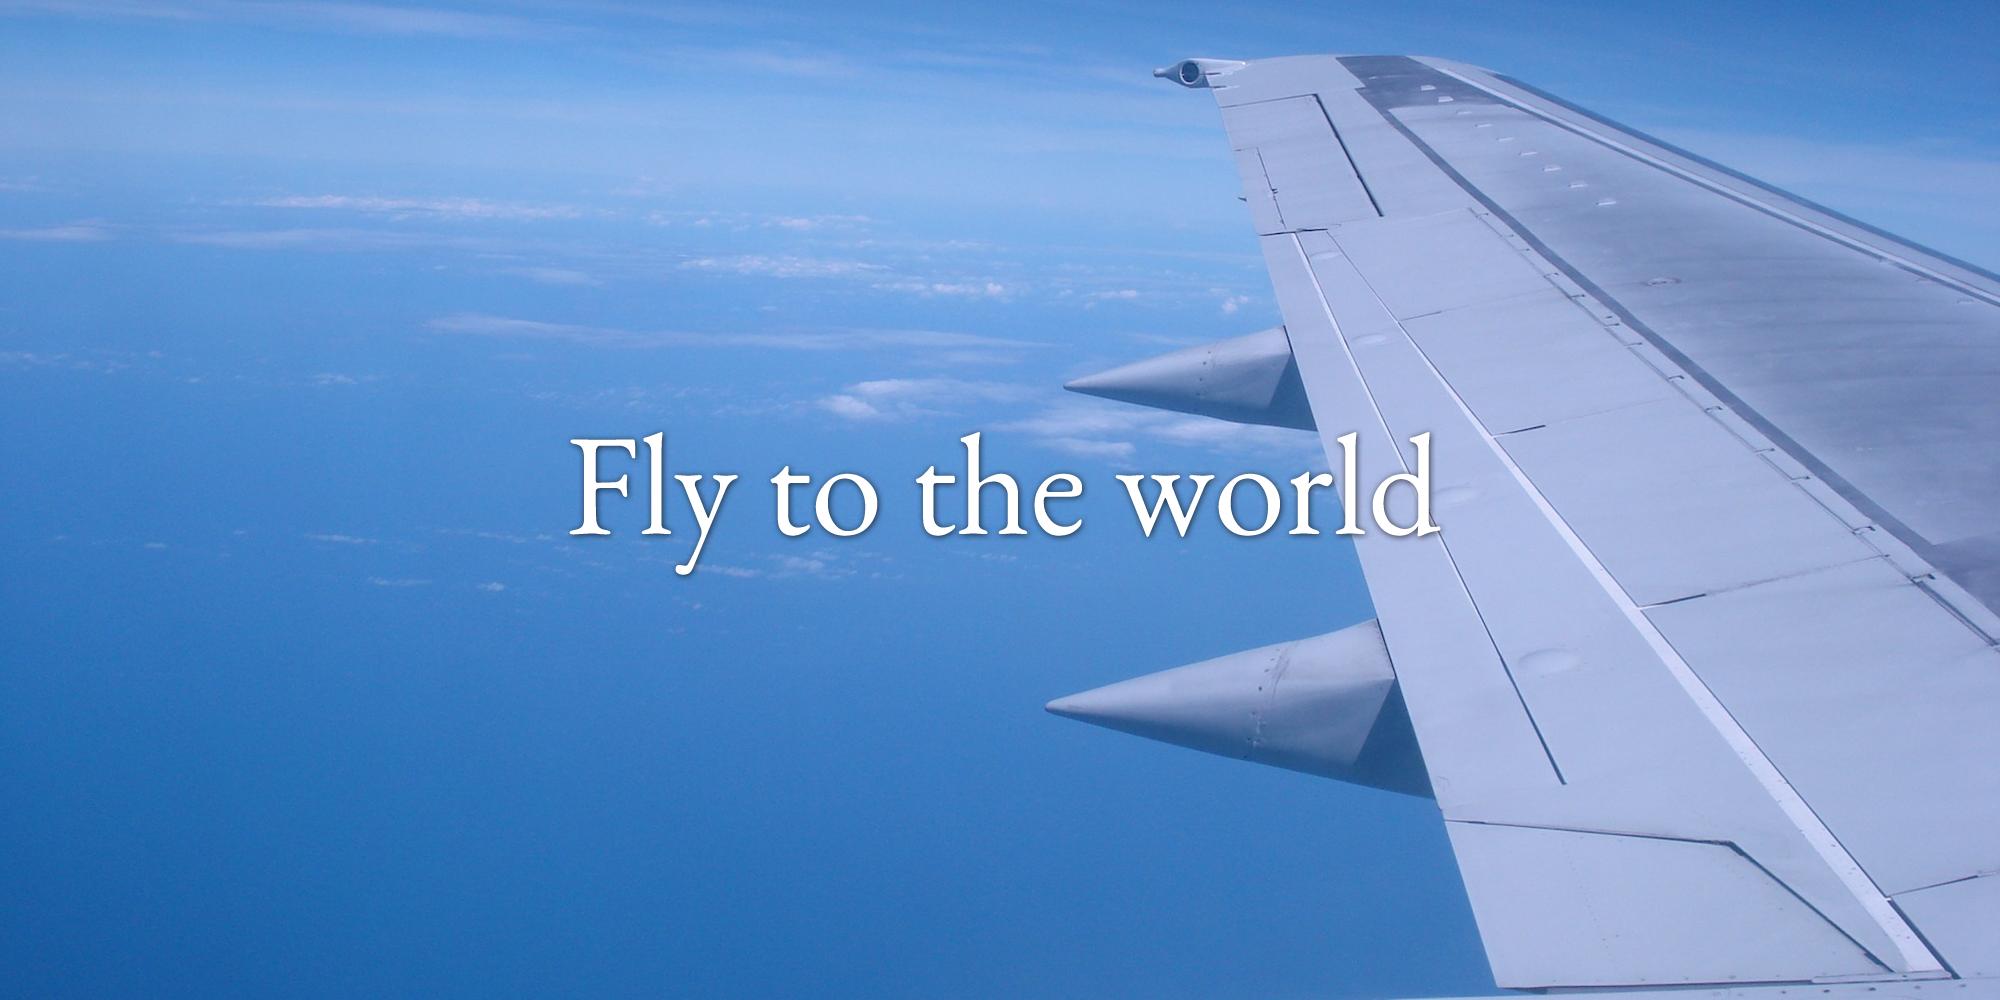 海外旅行は静岡県のワールドフォース